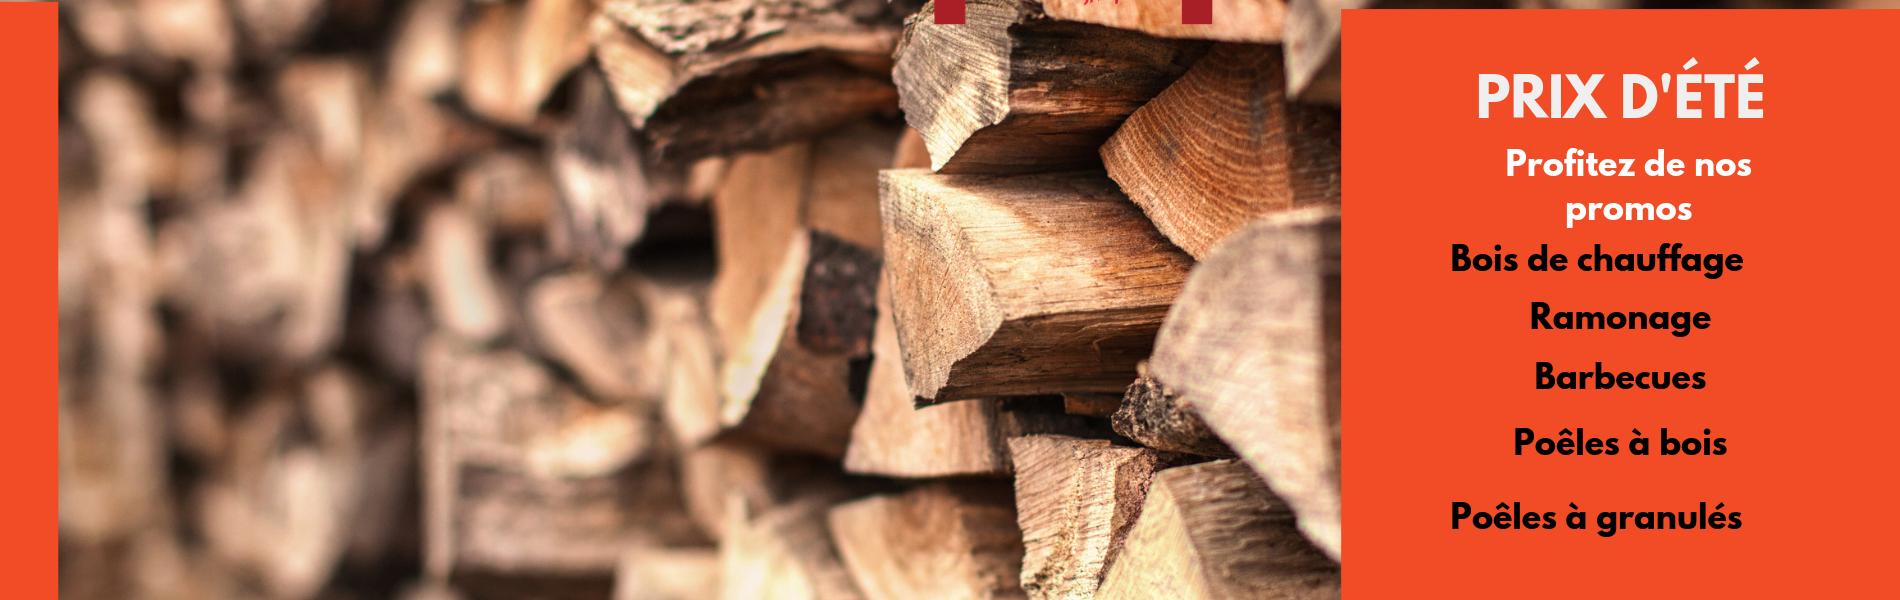 Votre commande de bois de chauffage